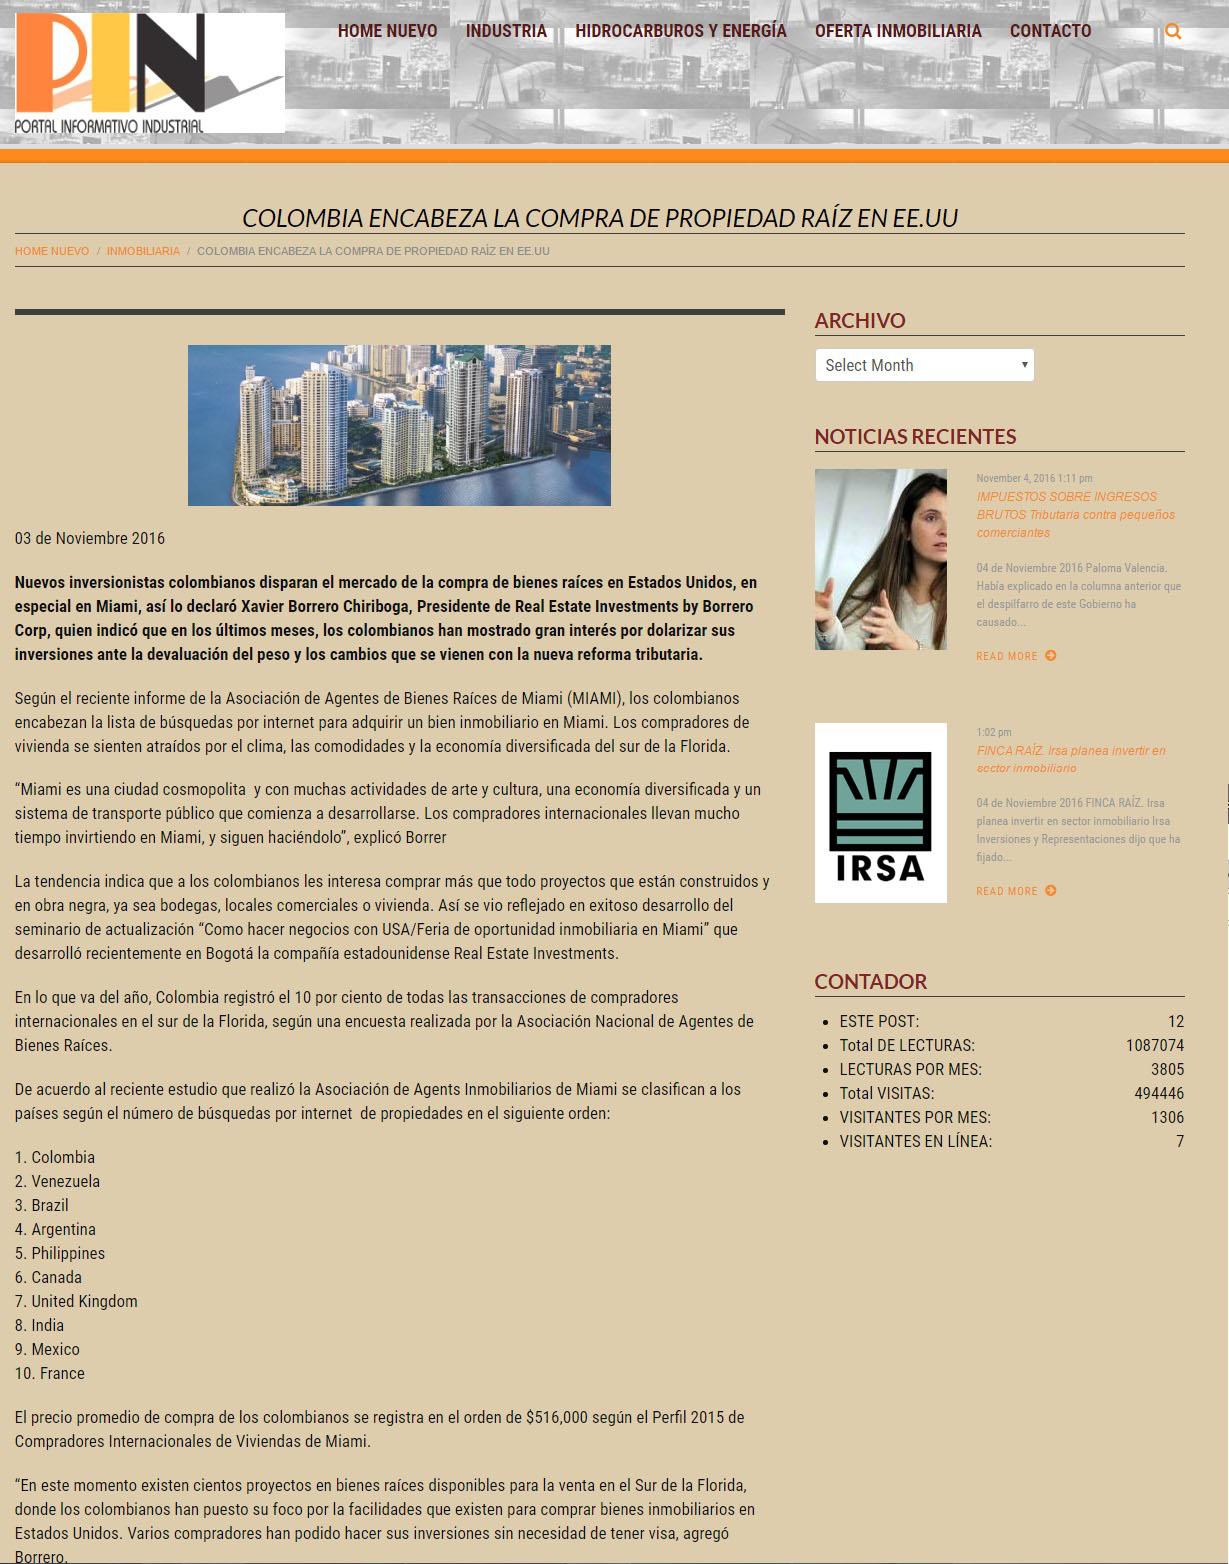 Portal Informativo Industrial 4 de Noviembre de 2016